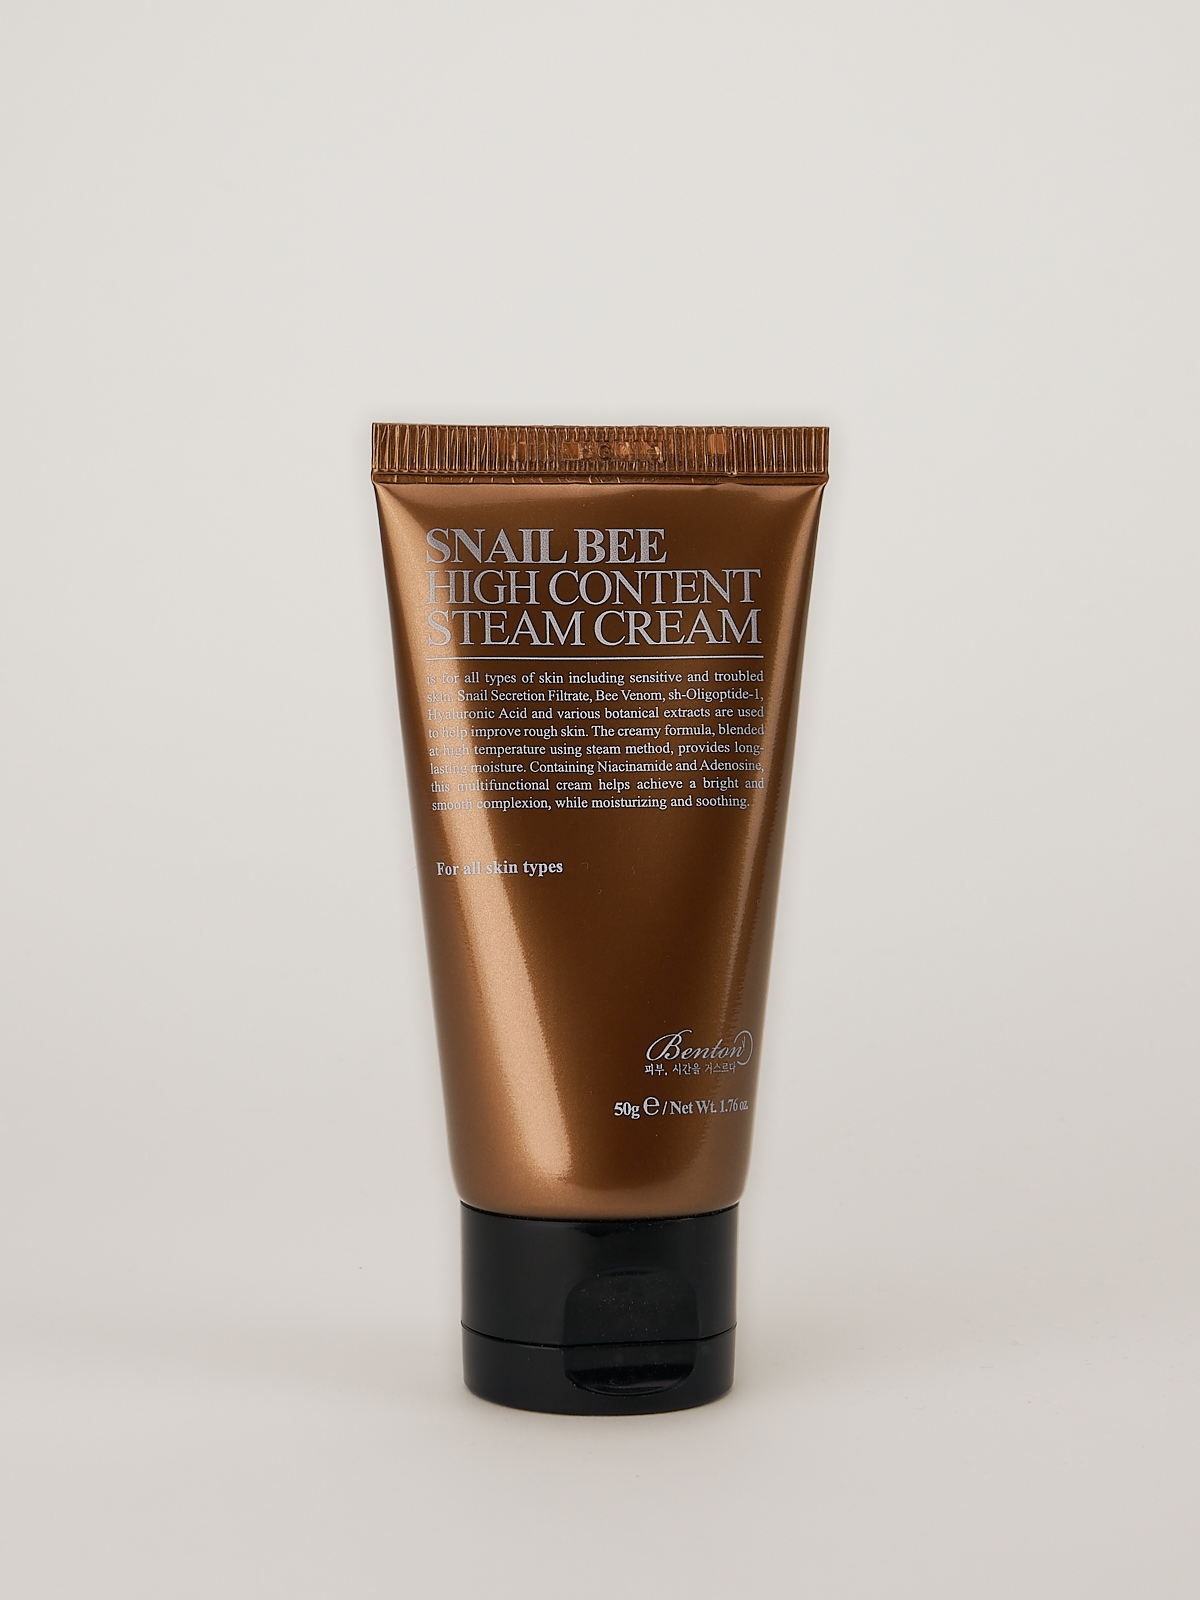 Benton Snail Bee High Content Steam Cream Feuchtigkeitspflege in glänzender bronzefarbener Tube mit schwarzem Deckel.